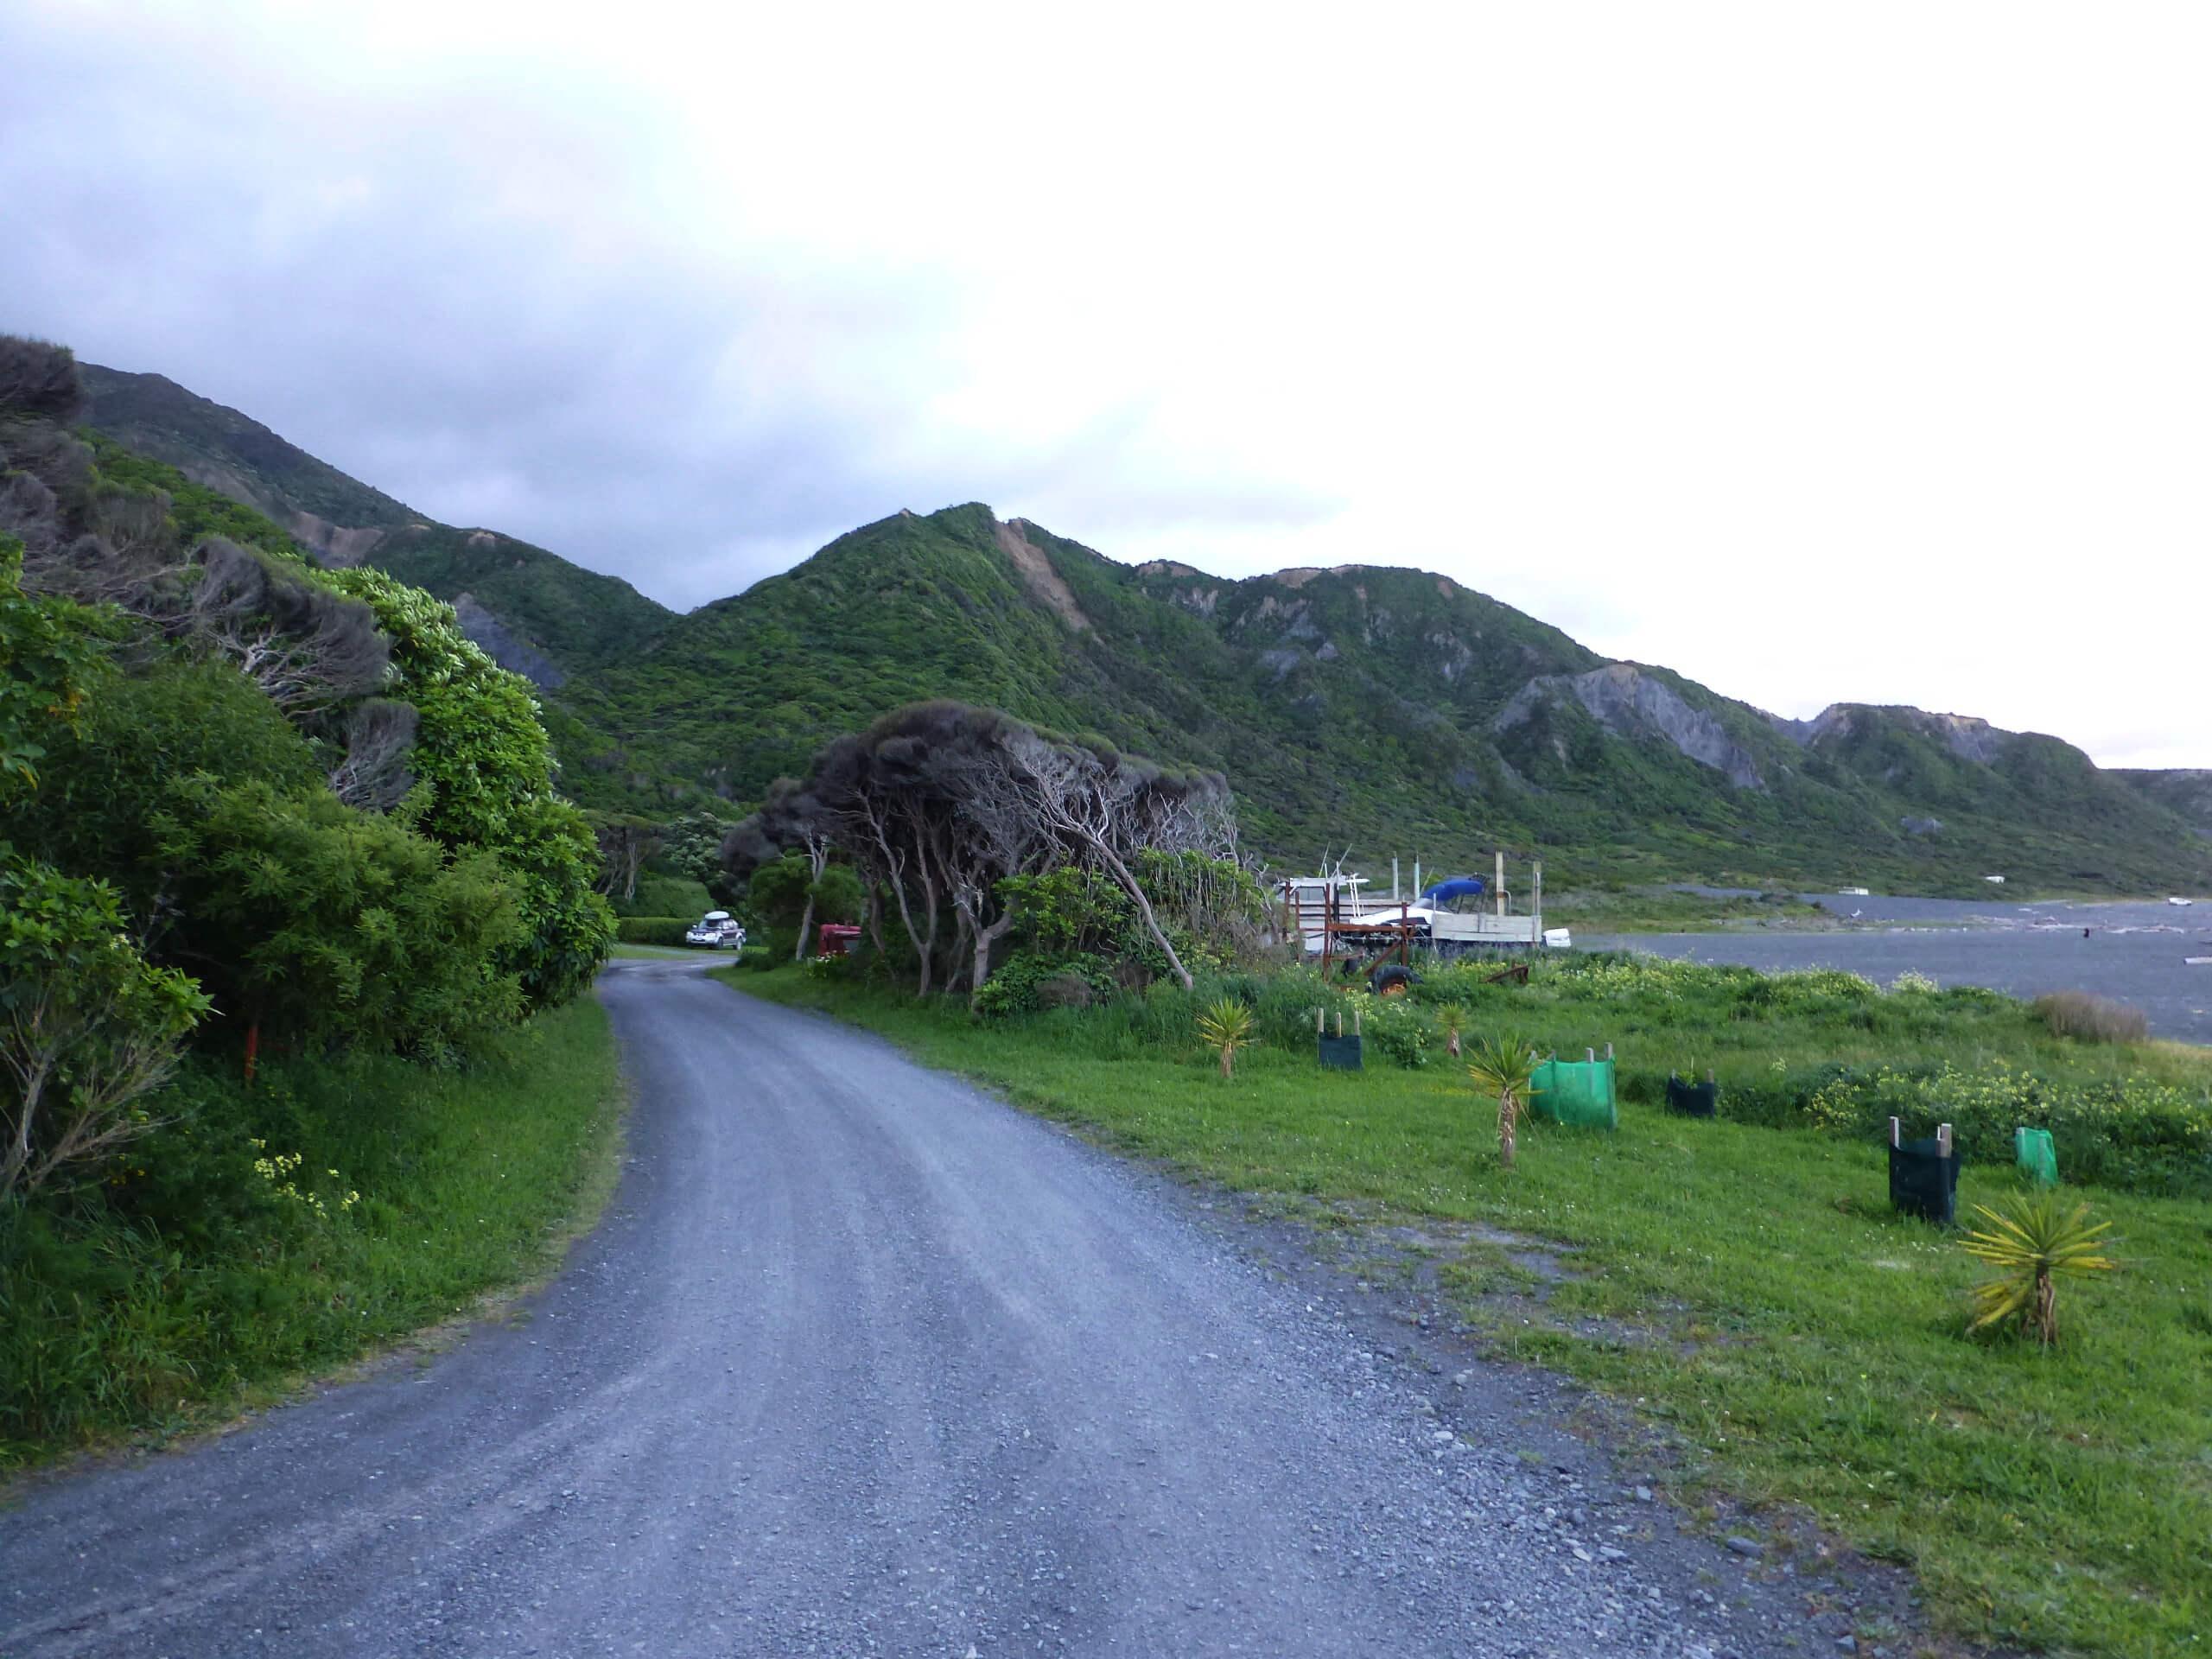 Weit-weg.reisen, Corner Creek Campsite 3